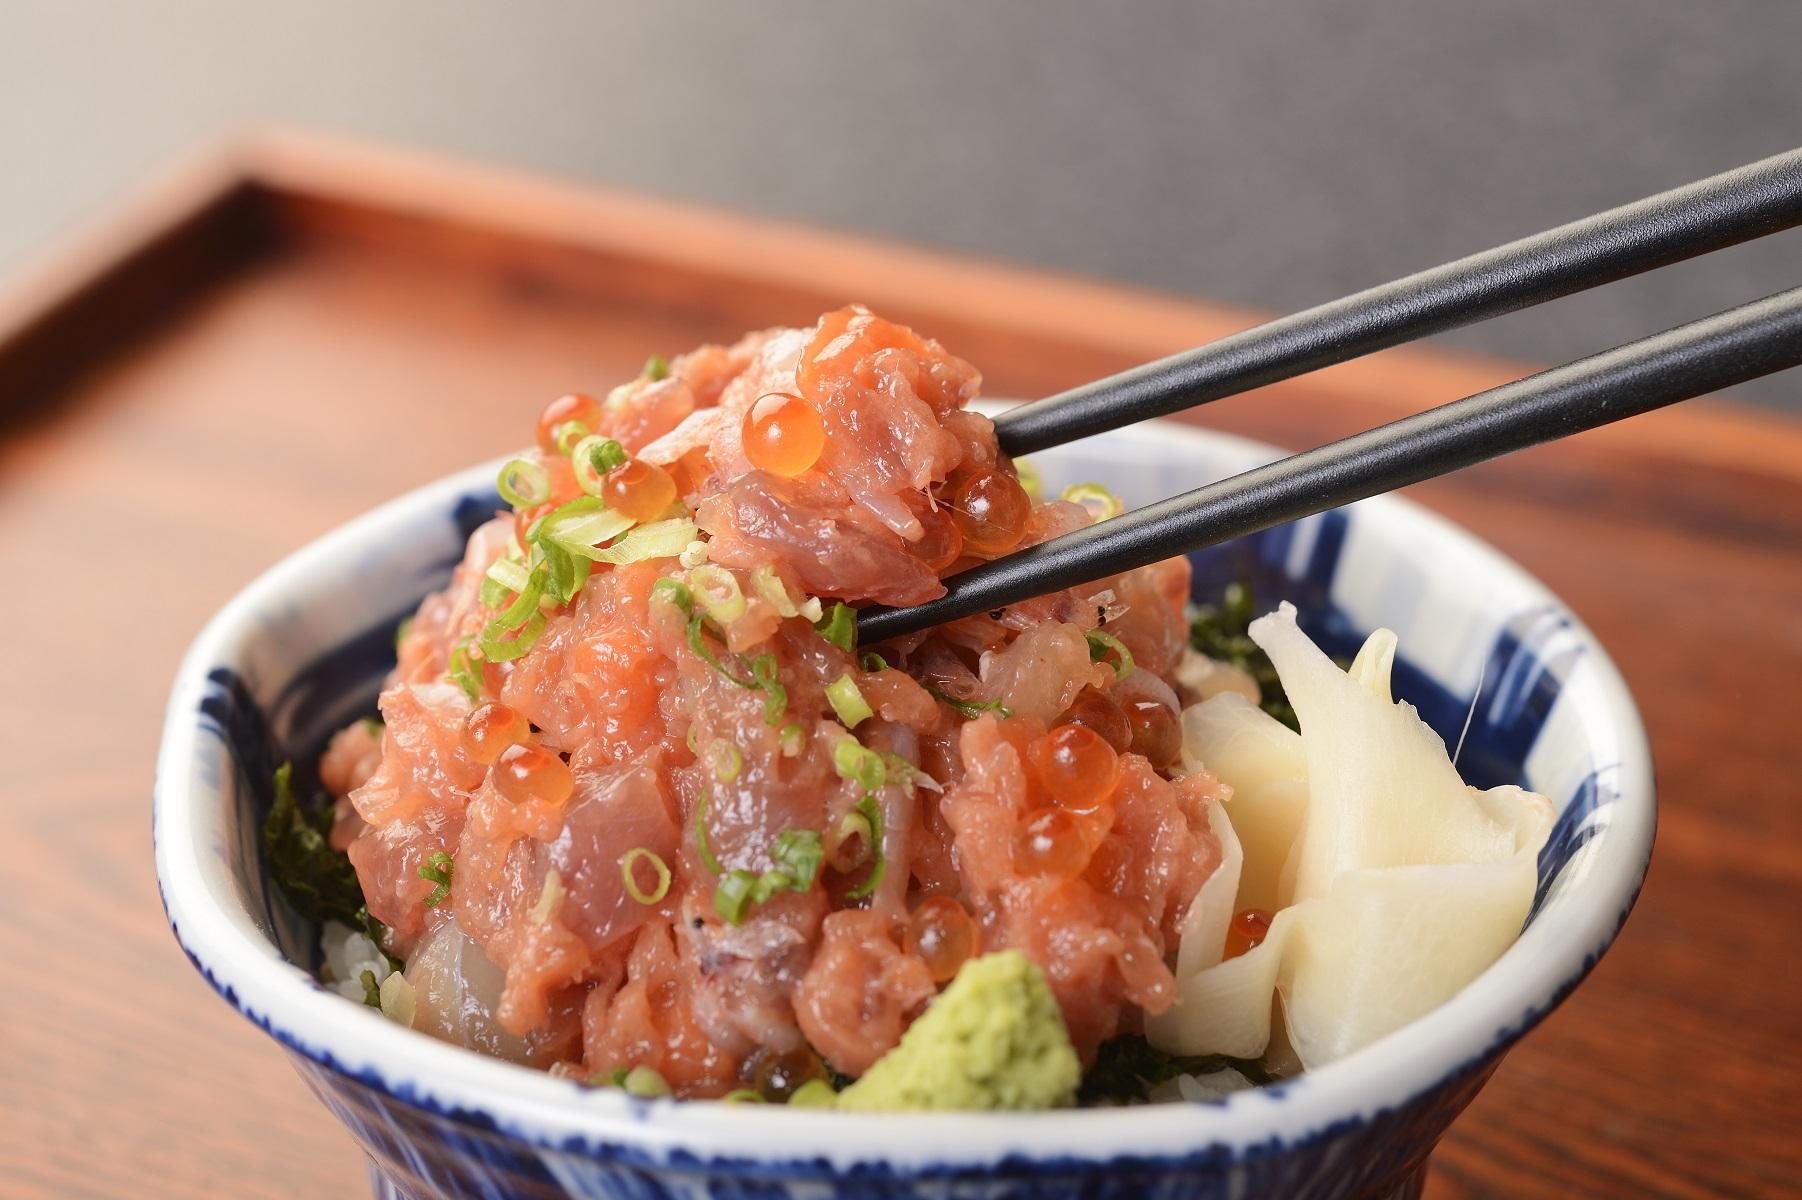 網元本店の海鮮まかない丼5個とさしみ地醤油セット ズワイガニ